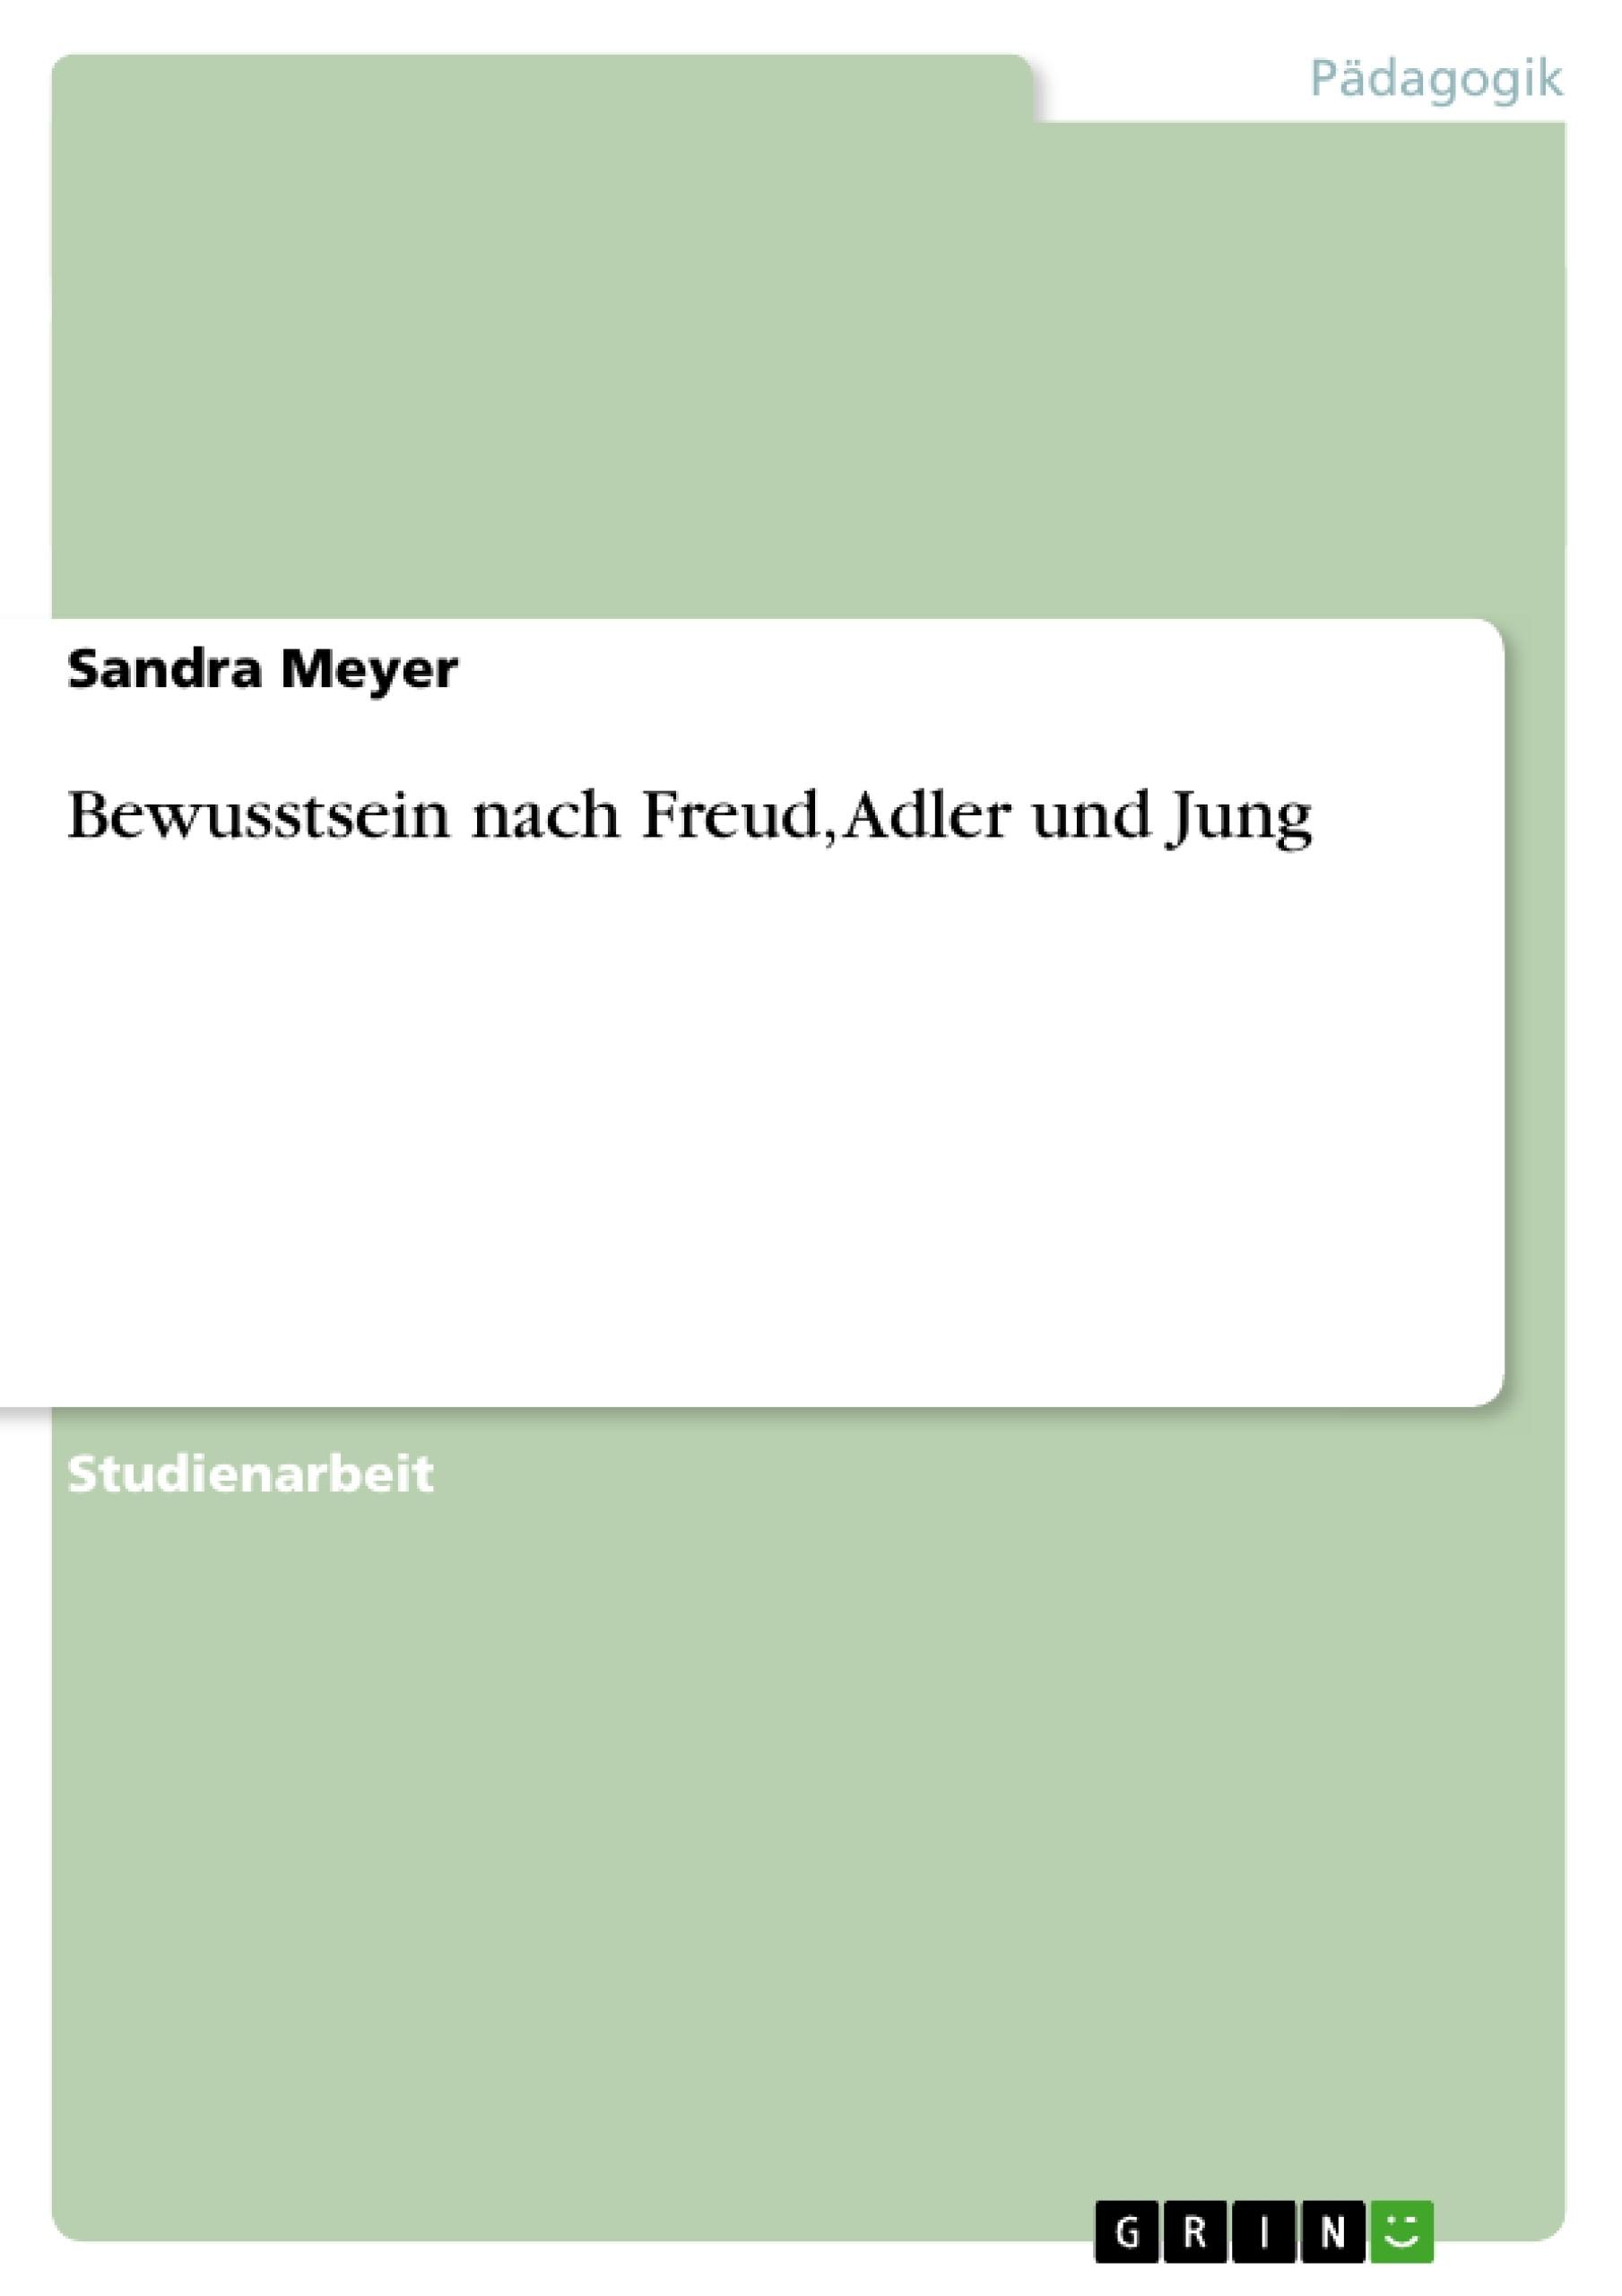 Titel: Bewusstsein nach Freud, Adler und Jung